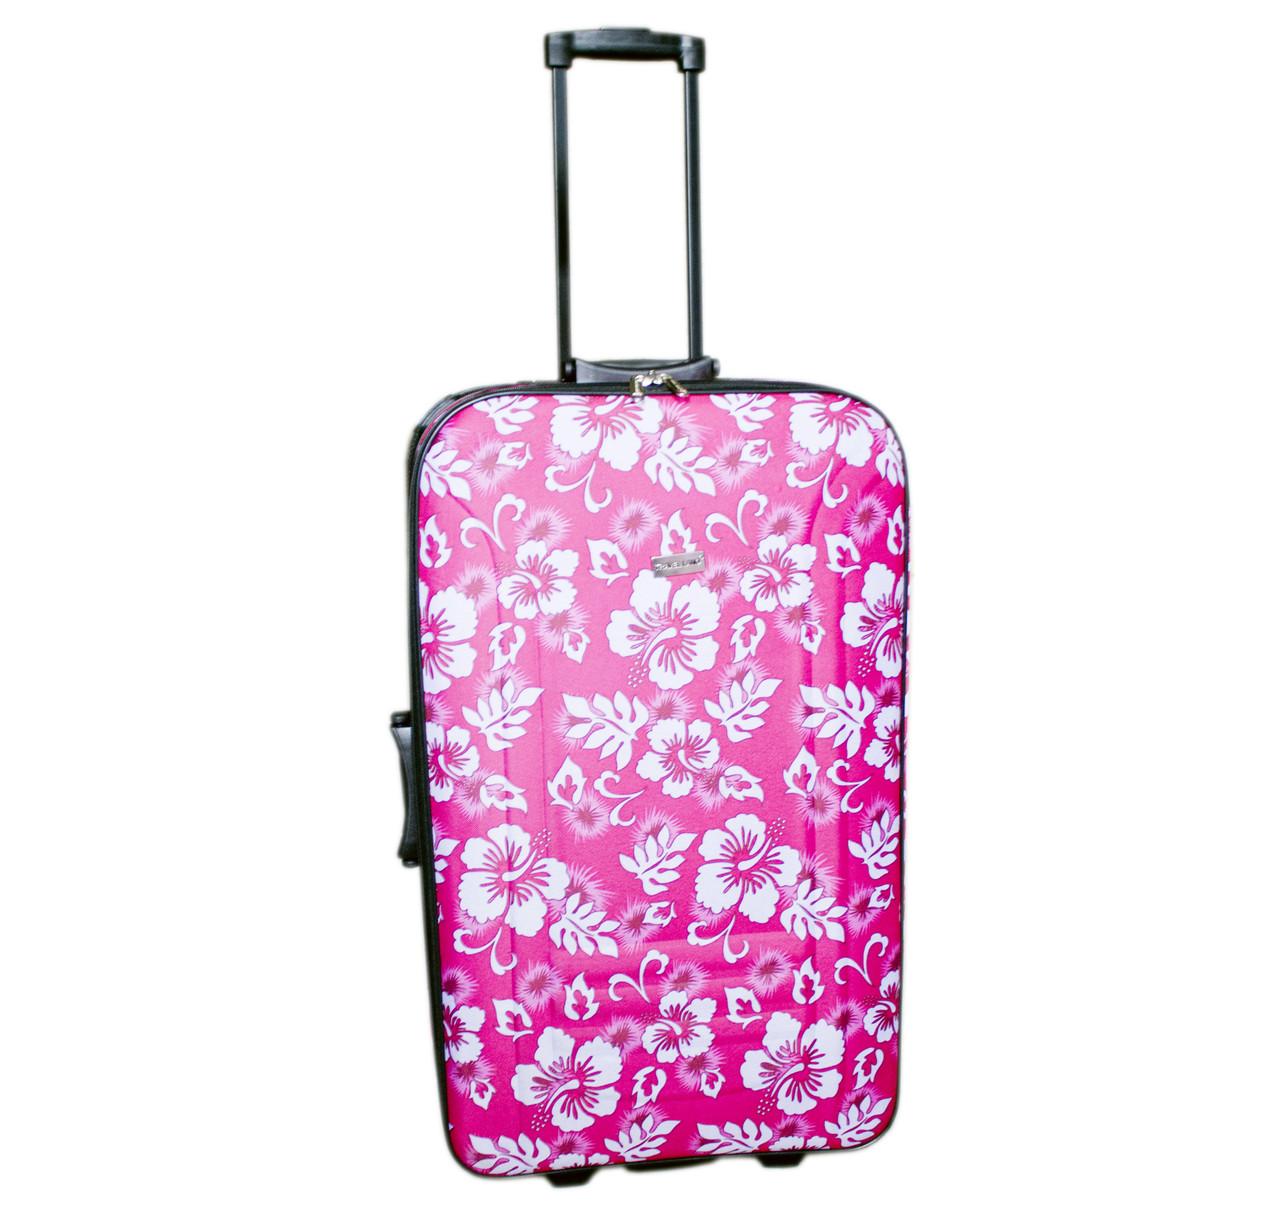 Дорожный чемодан 2 колеса (большой) розовый с цветами, артикул: 12126-680